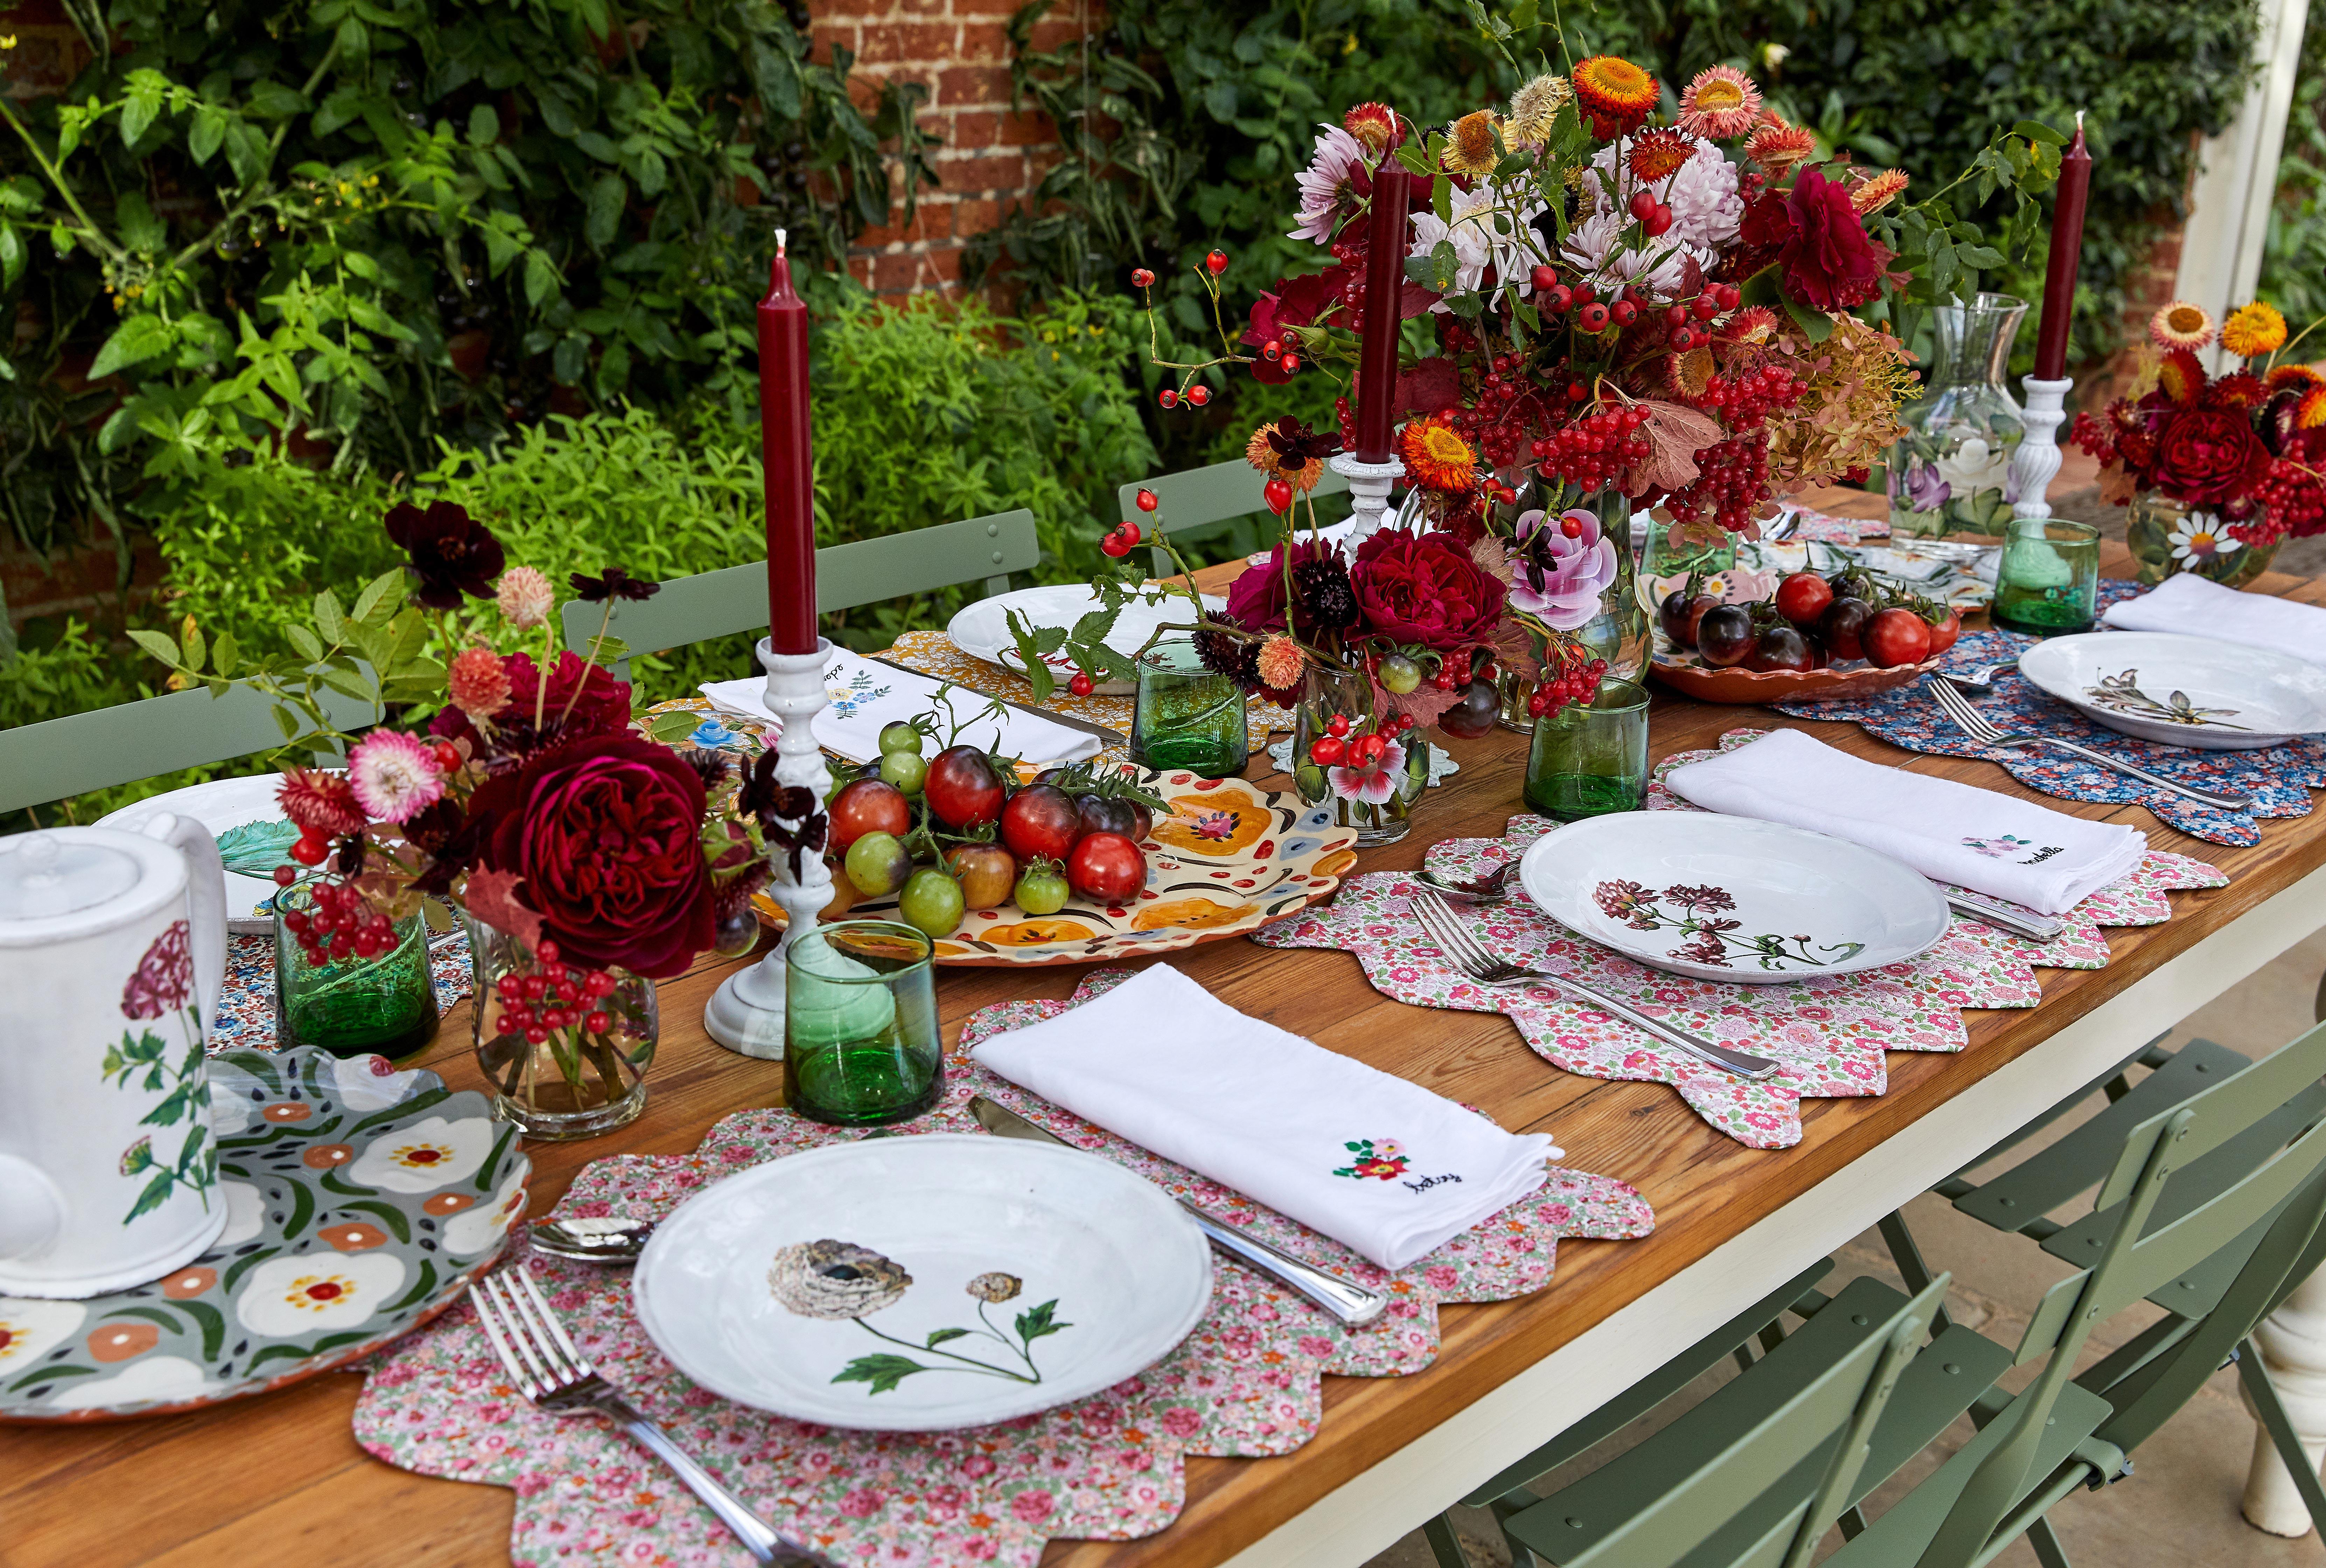 Enjoy A Colourful Winter Garden With The Floribunda Collective At Liberty